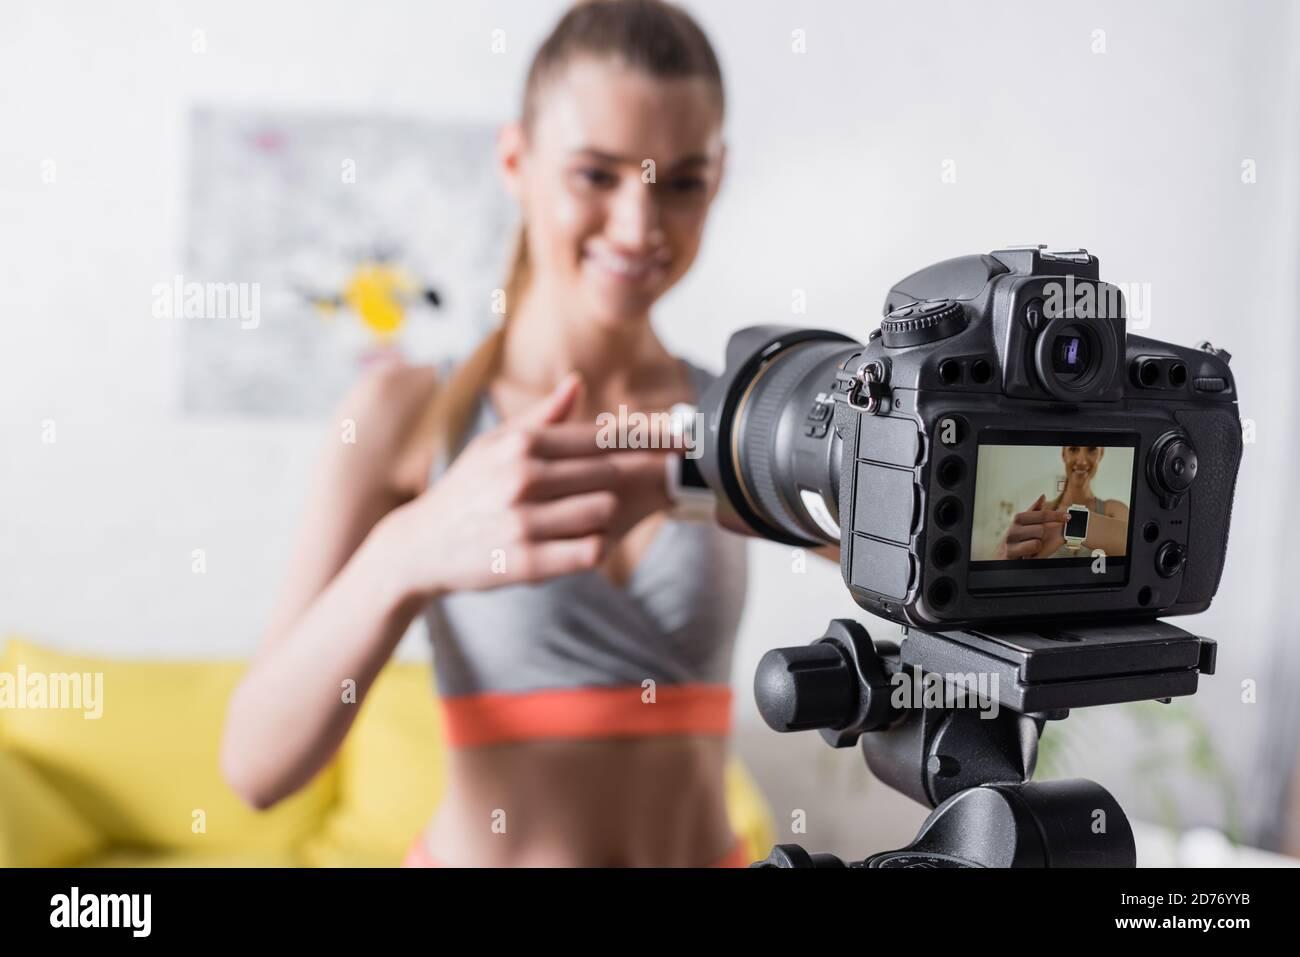 Mise au point sélective d'une sportswoman souriante pointant vers une montre intelligente proche du numérique appareil photo Banque D'Images